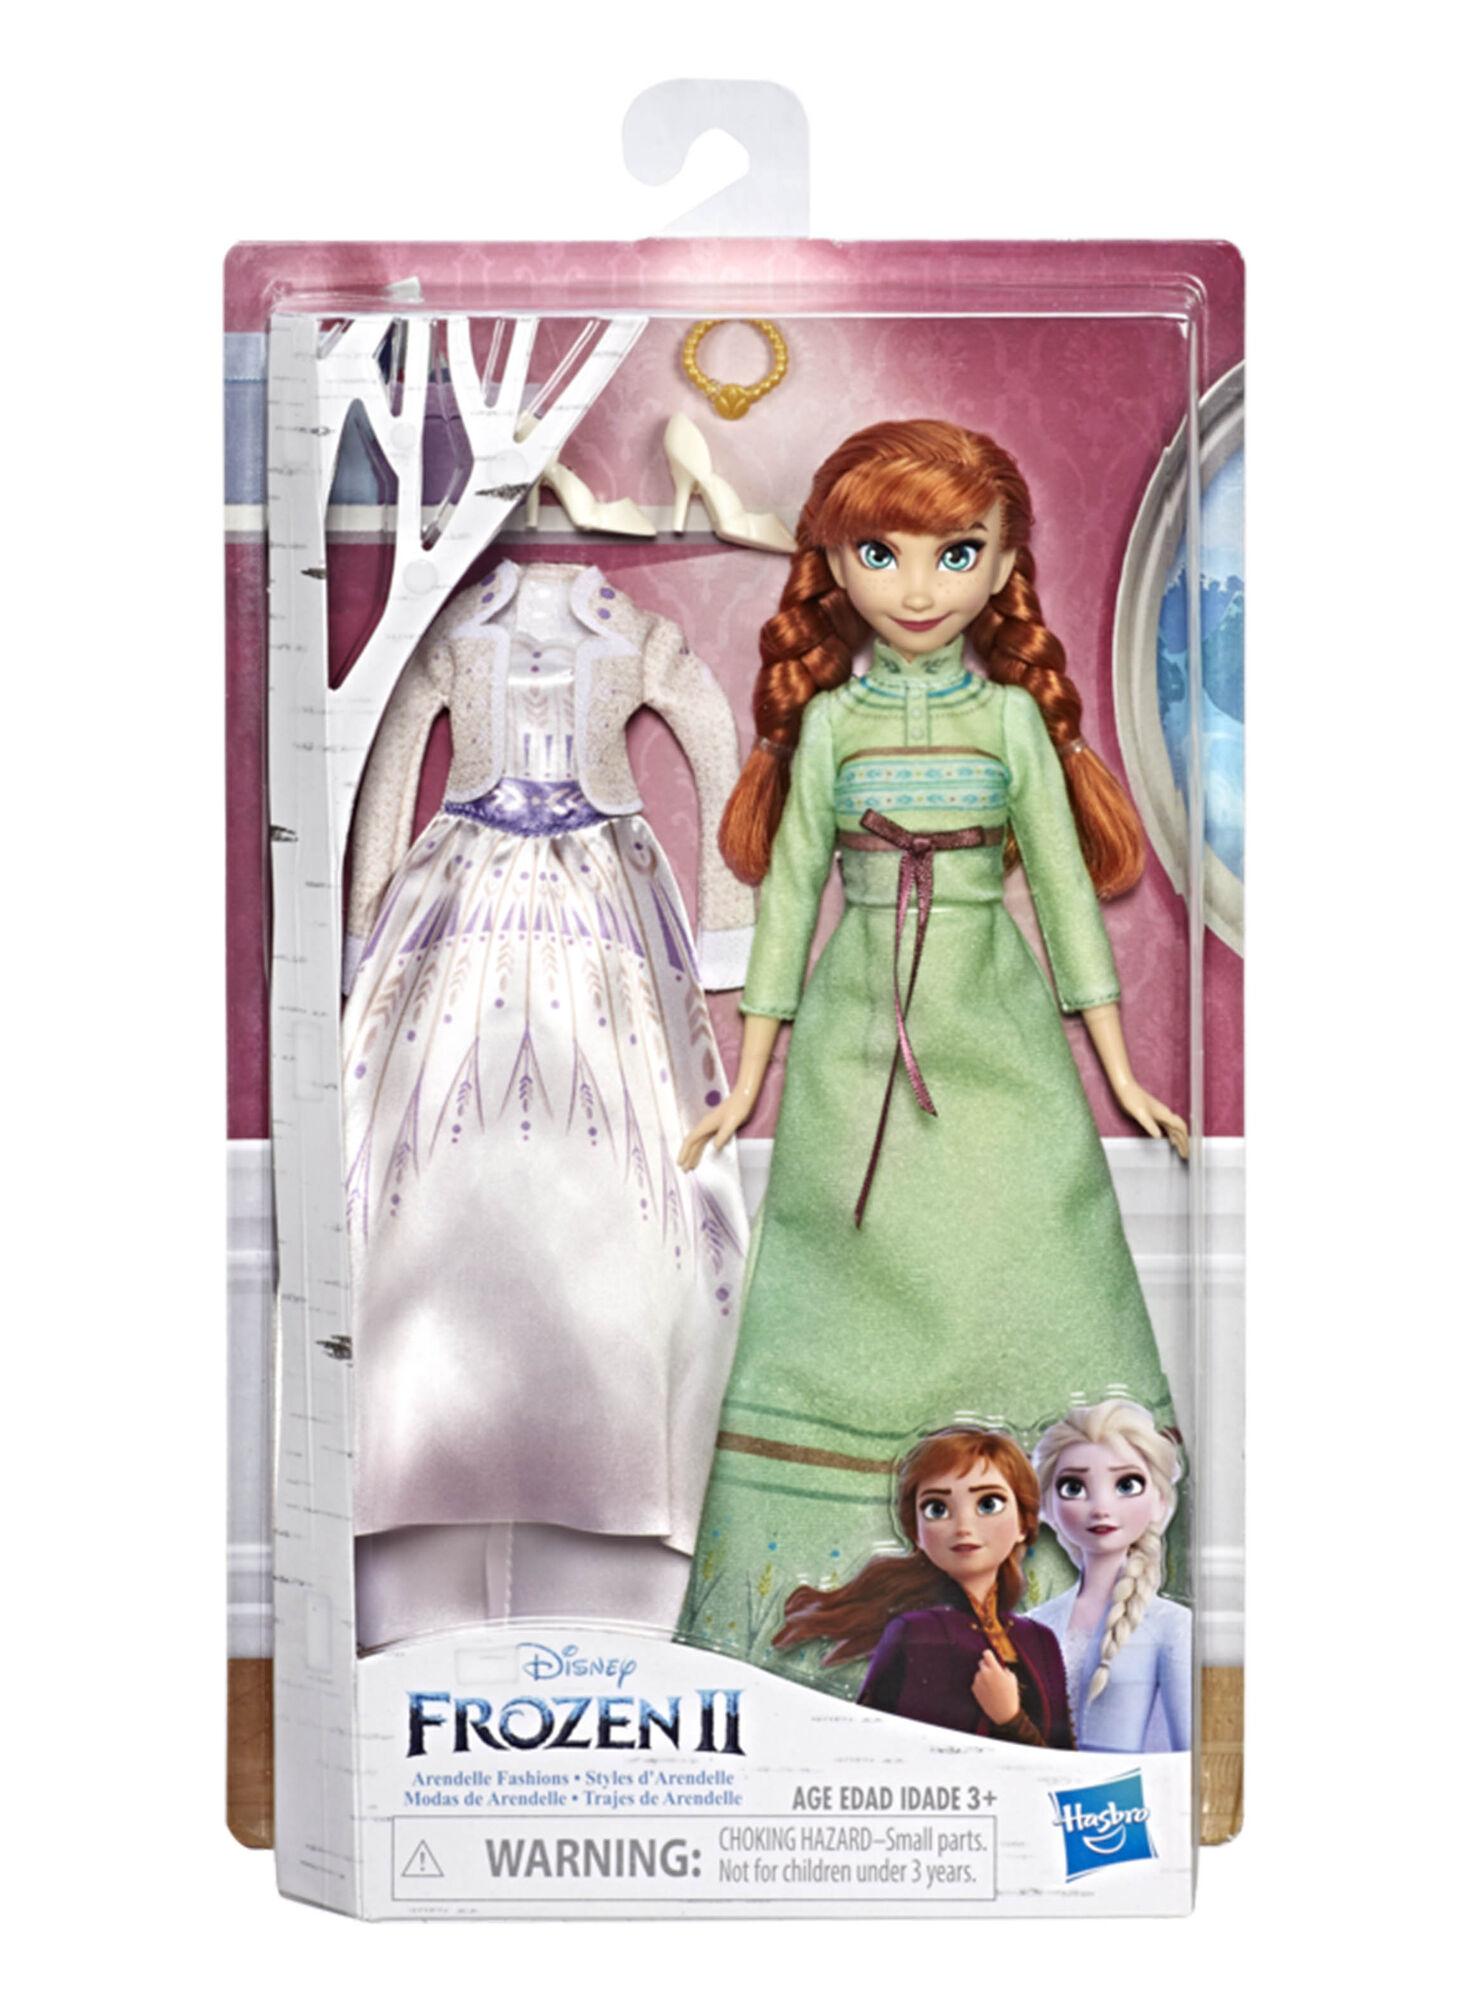 Disney Frozen 2 Muñeca Anna Con 2 Vestimentas En Muñecas Y